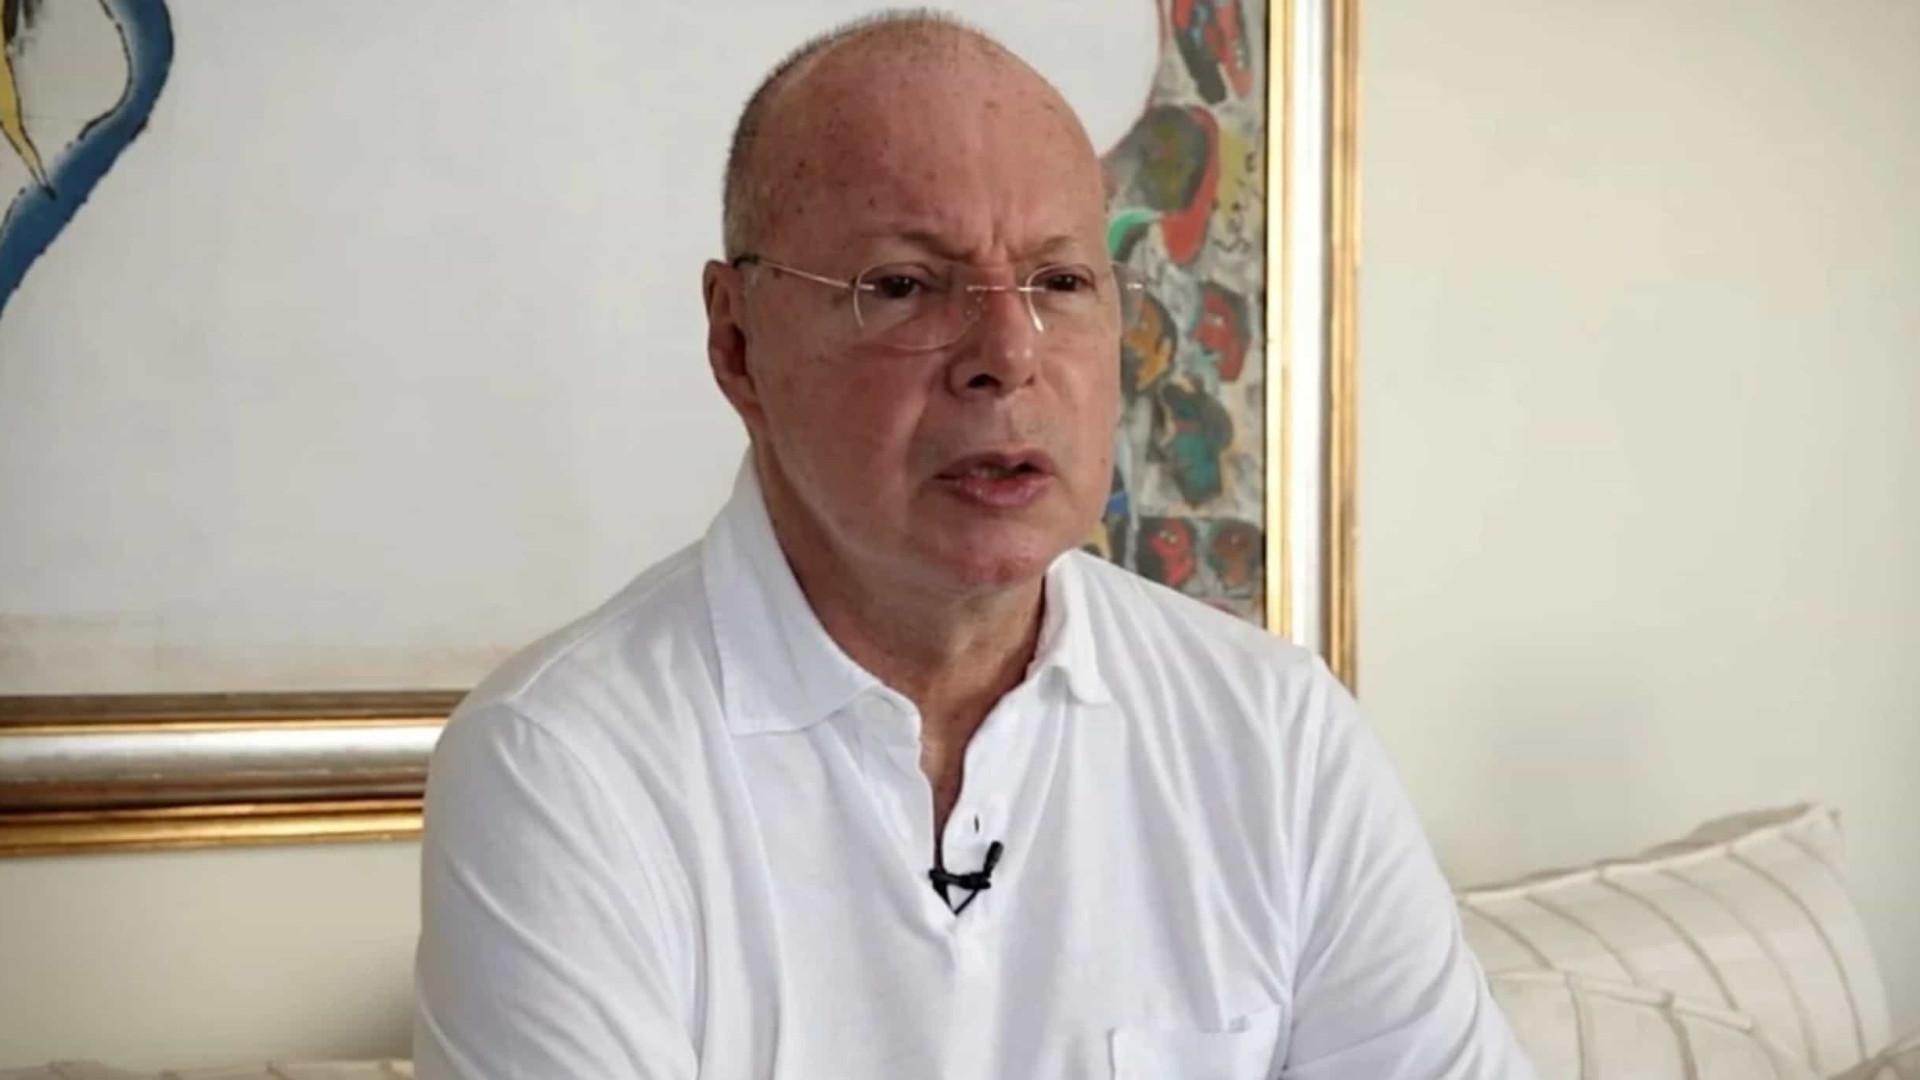 Morre Gilberto Braga, autor de 'Vale Tudo' e 'Anos Rebeldes', aos 75 anos